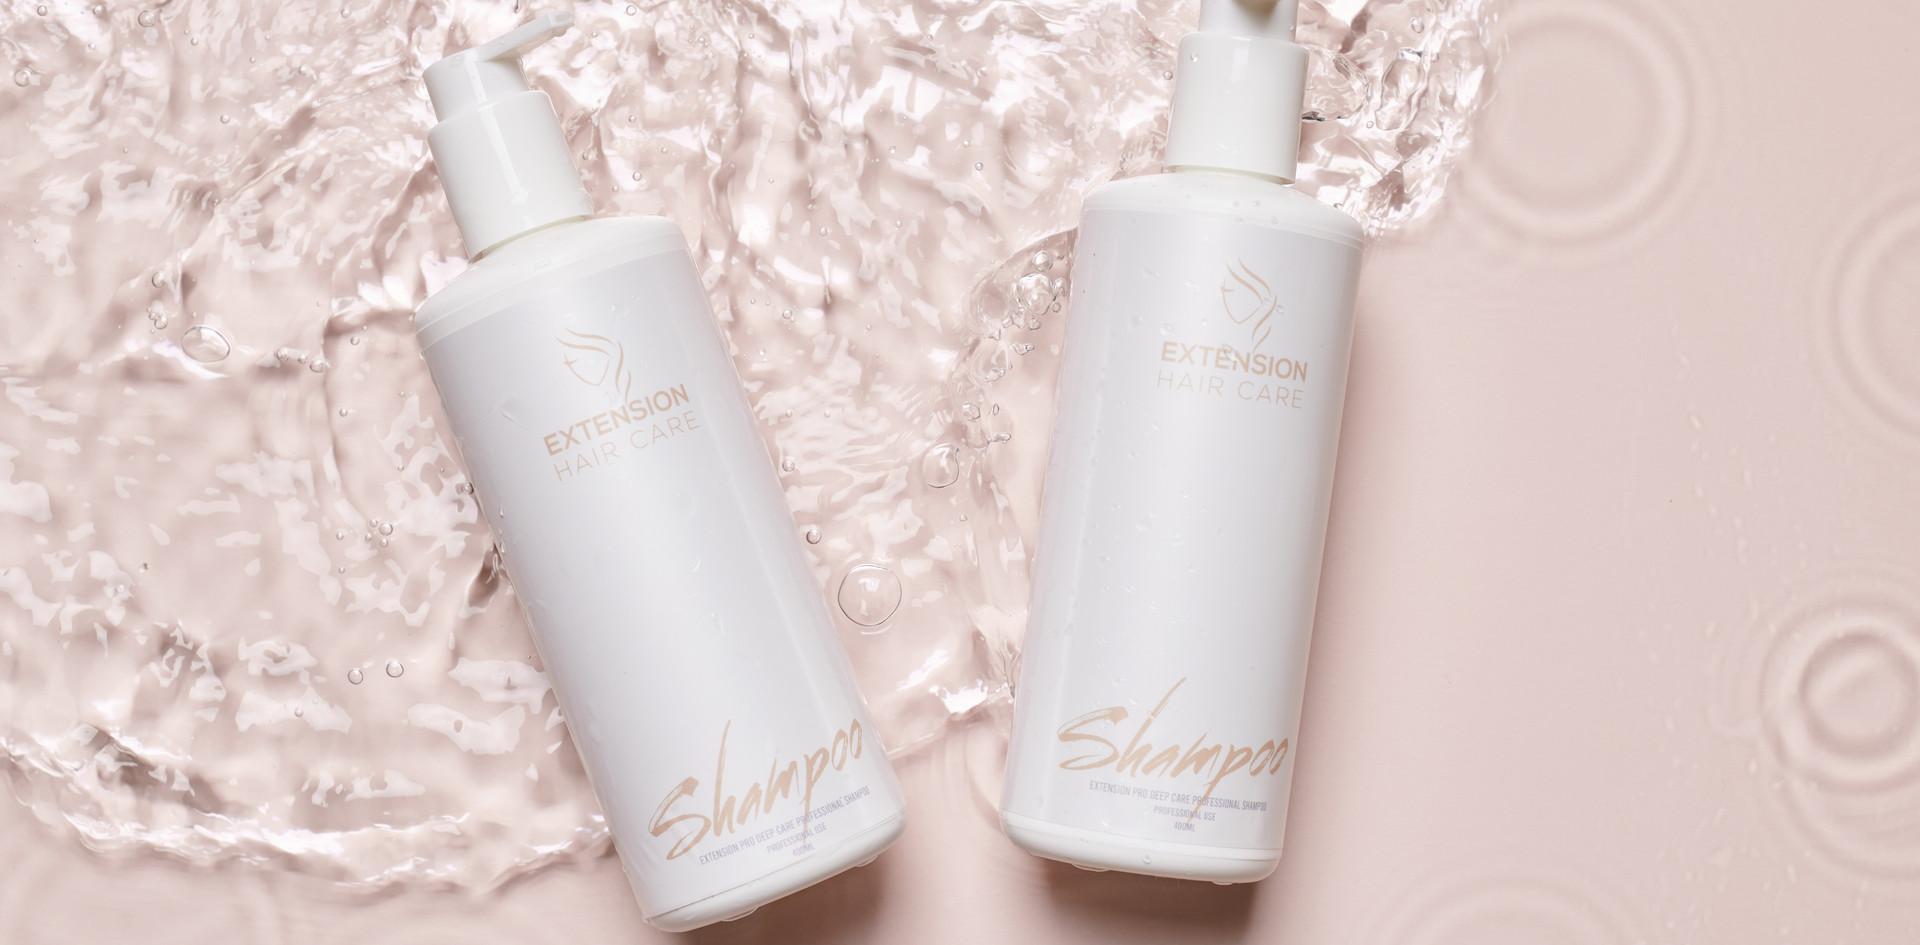 Šampon za kosu Studio Extension